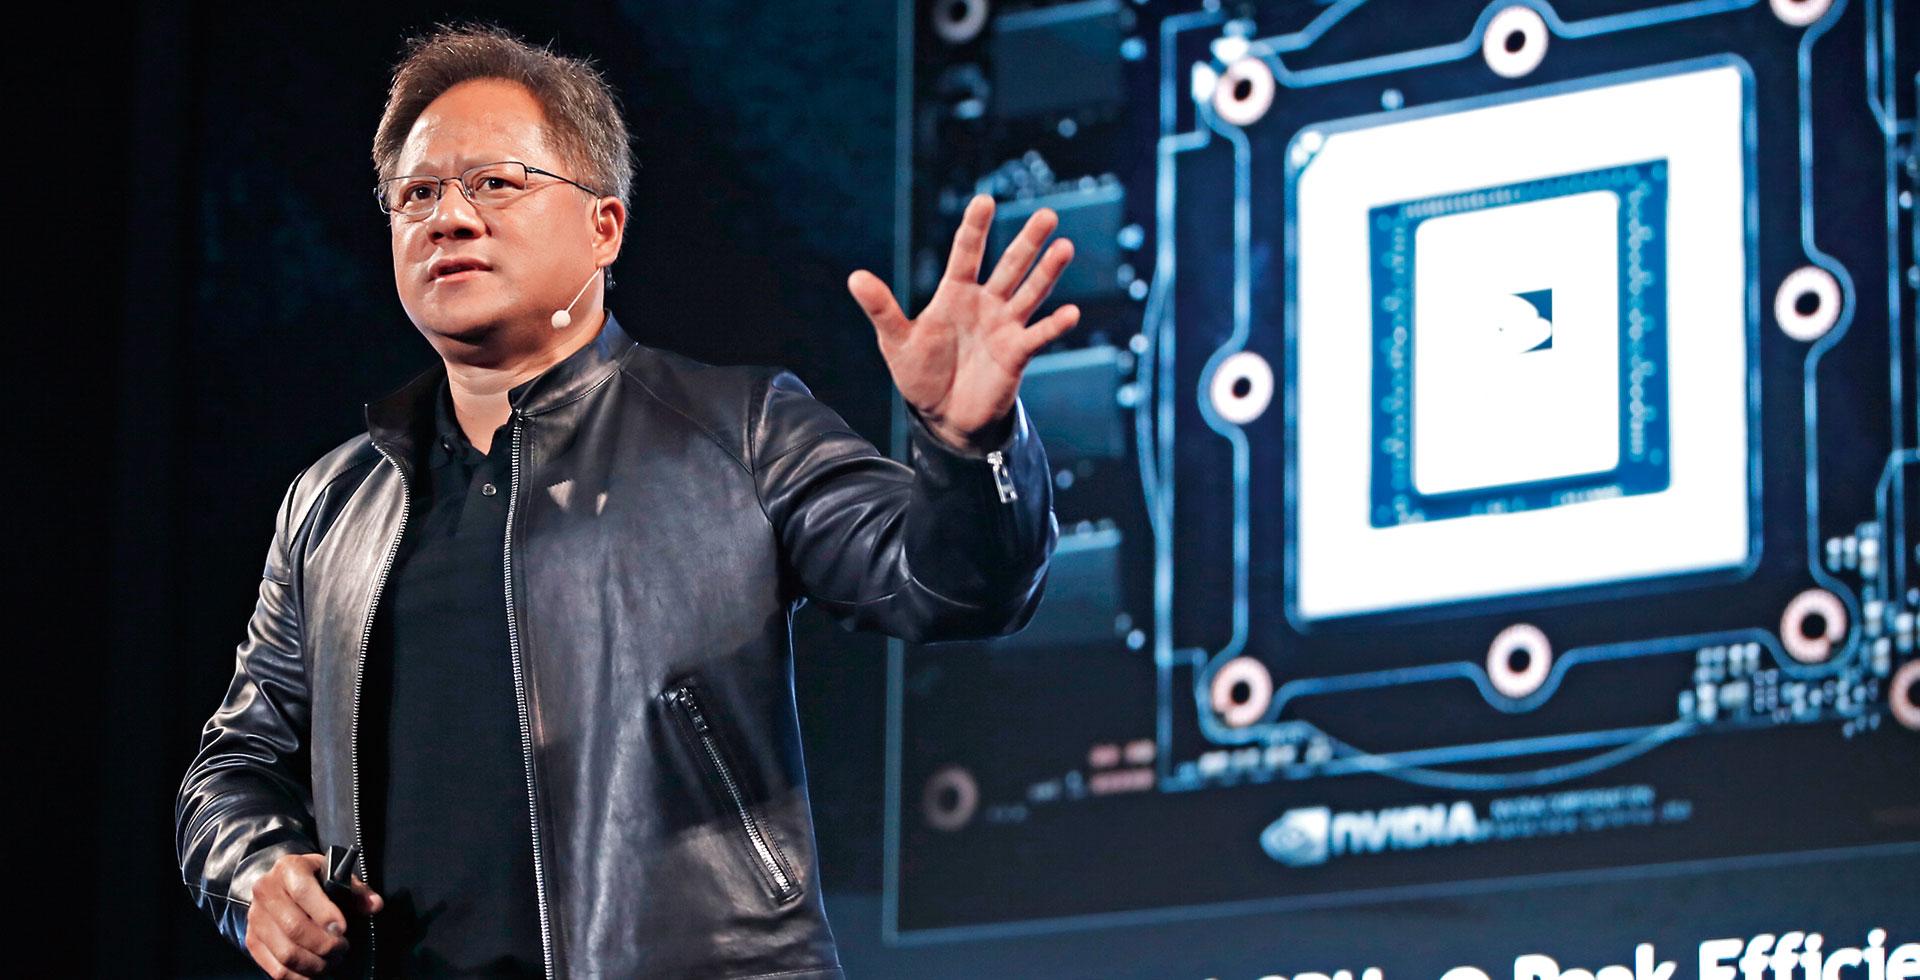 黃仁勳:人工智慧終極目標—機器人